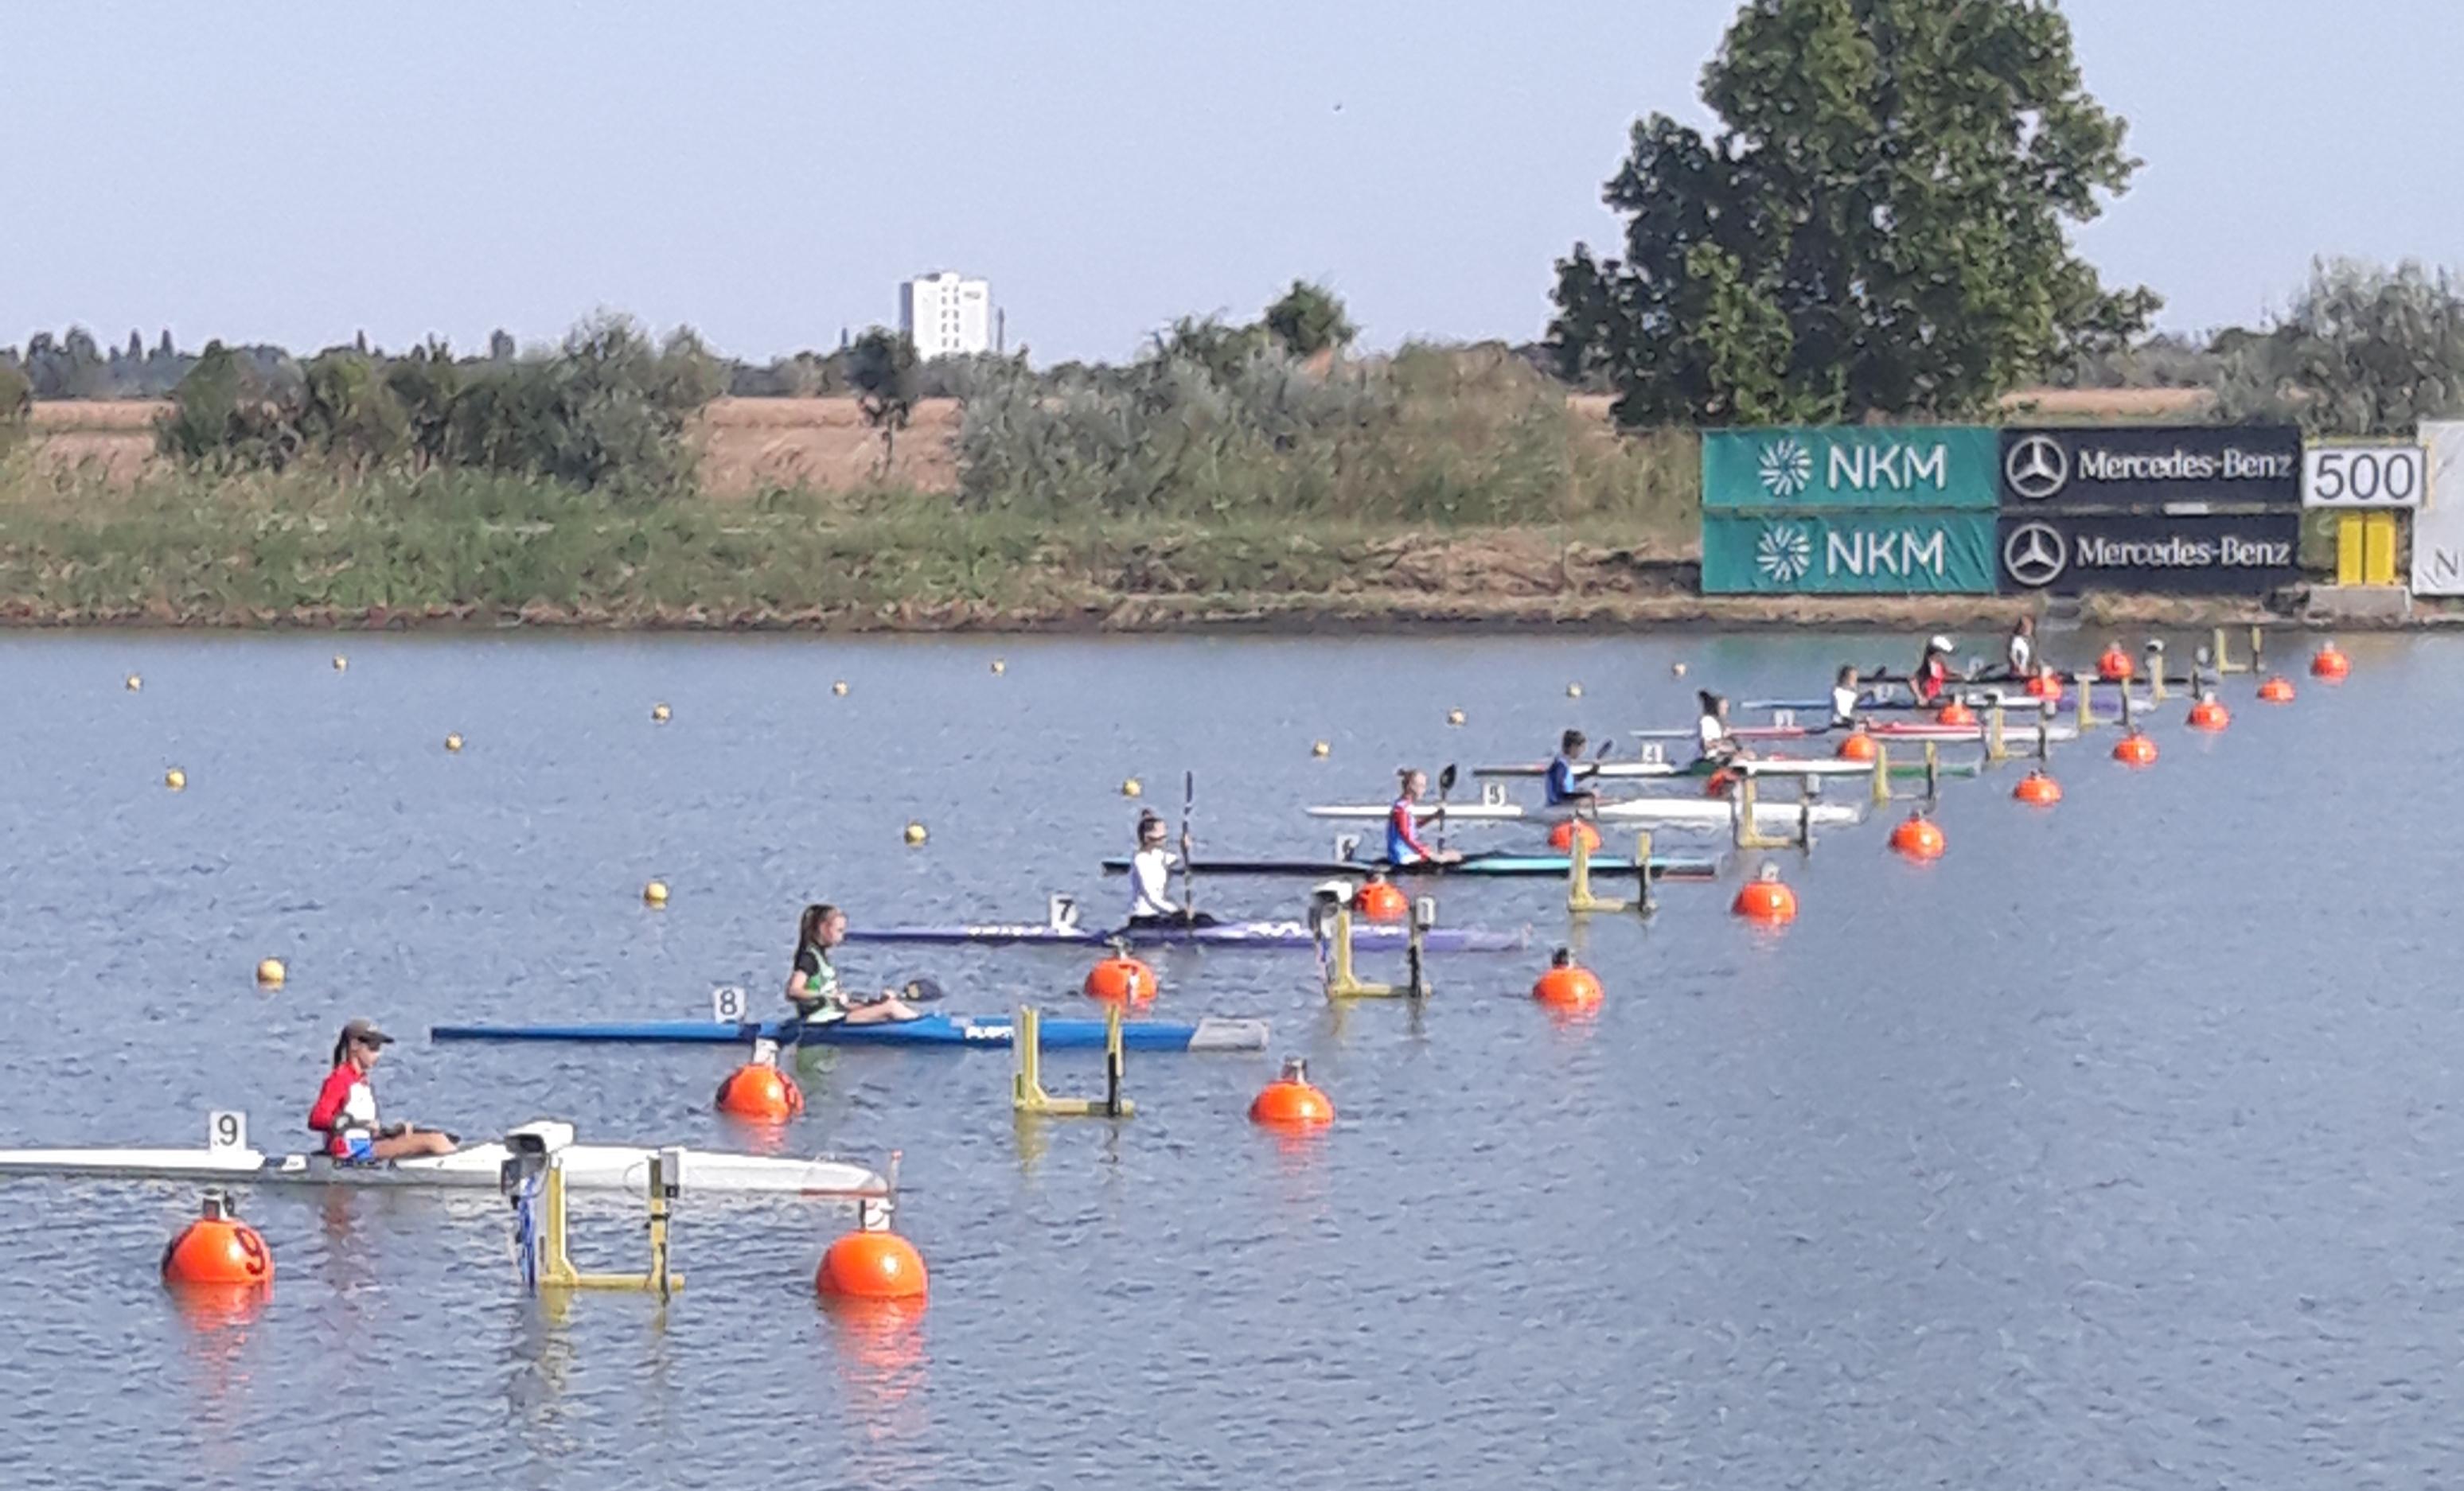 Mladi reprezentativci Olimpika na posljednjem ovosezonskom natjecanju ostvarili plasmane u šest A finala i jedno B finale